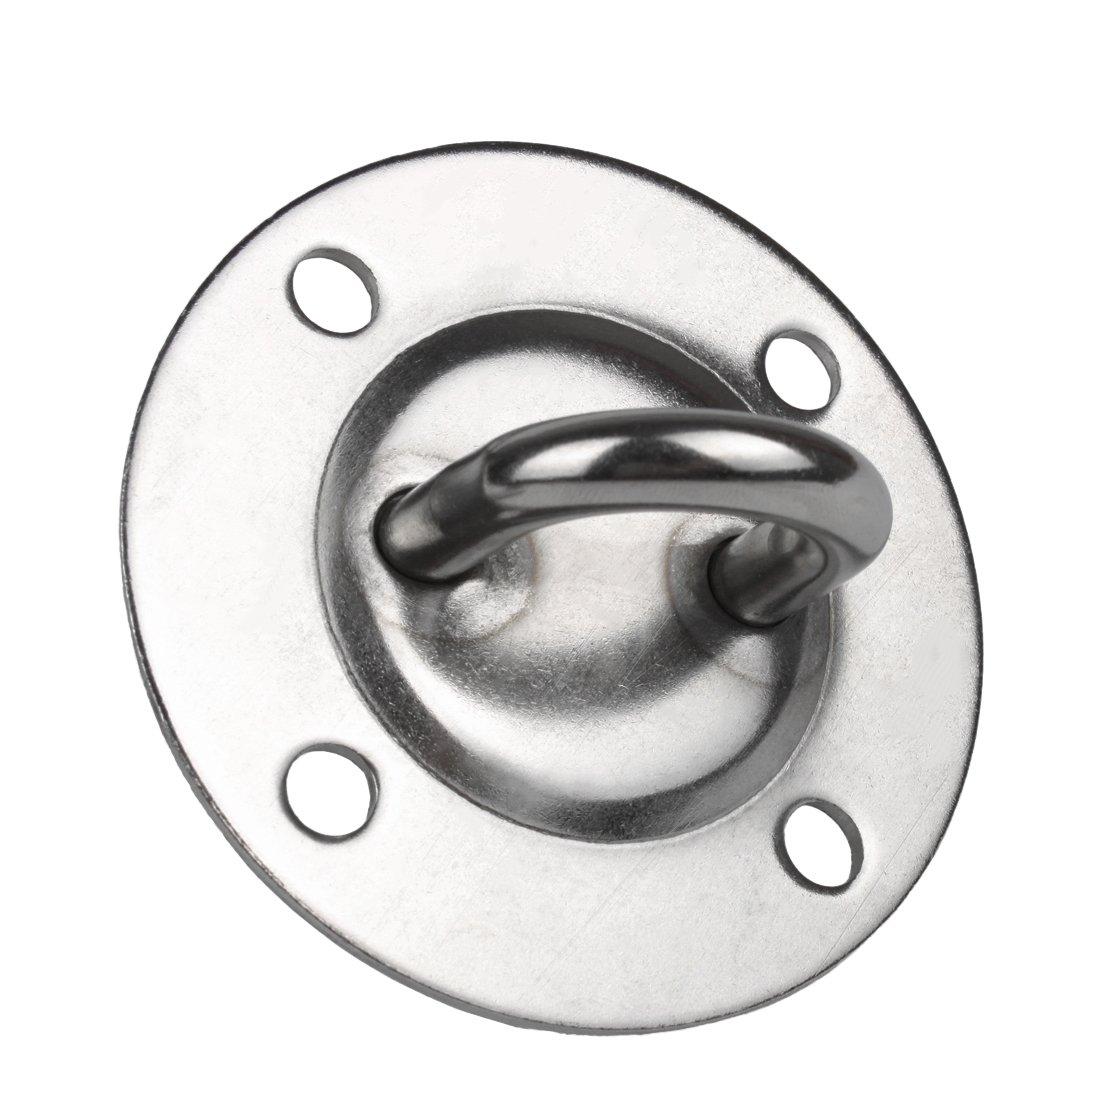 Montagefertiger unbehandelter Eiche Handlauf Enden:Edelstahlbogen /Ø 42 mm mit gewinkelte Edelstahlhalter und Endst/ücken auch f/ür au/ßen geeignet L/änge: 2200 mm mit 3 Halter